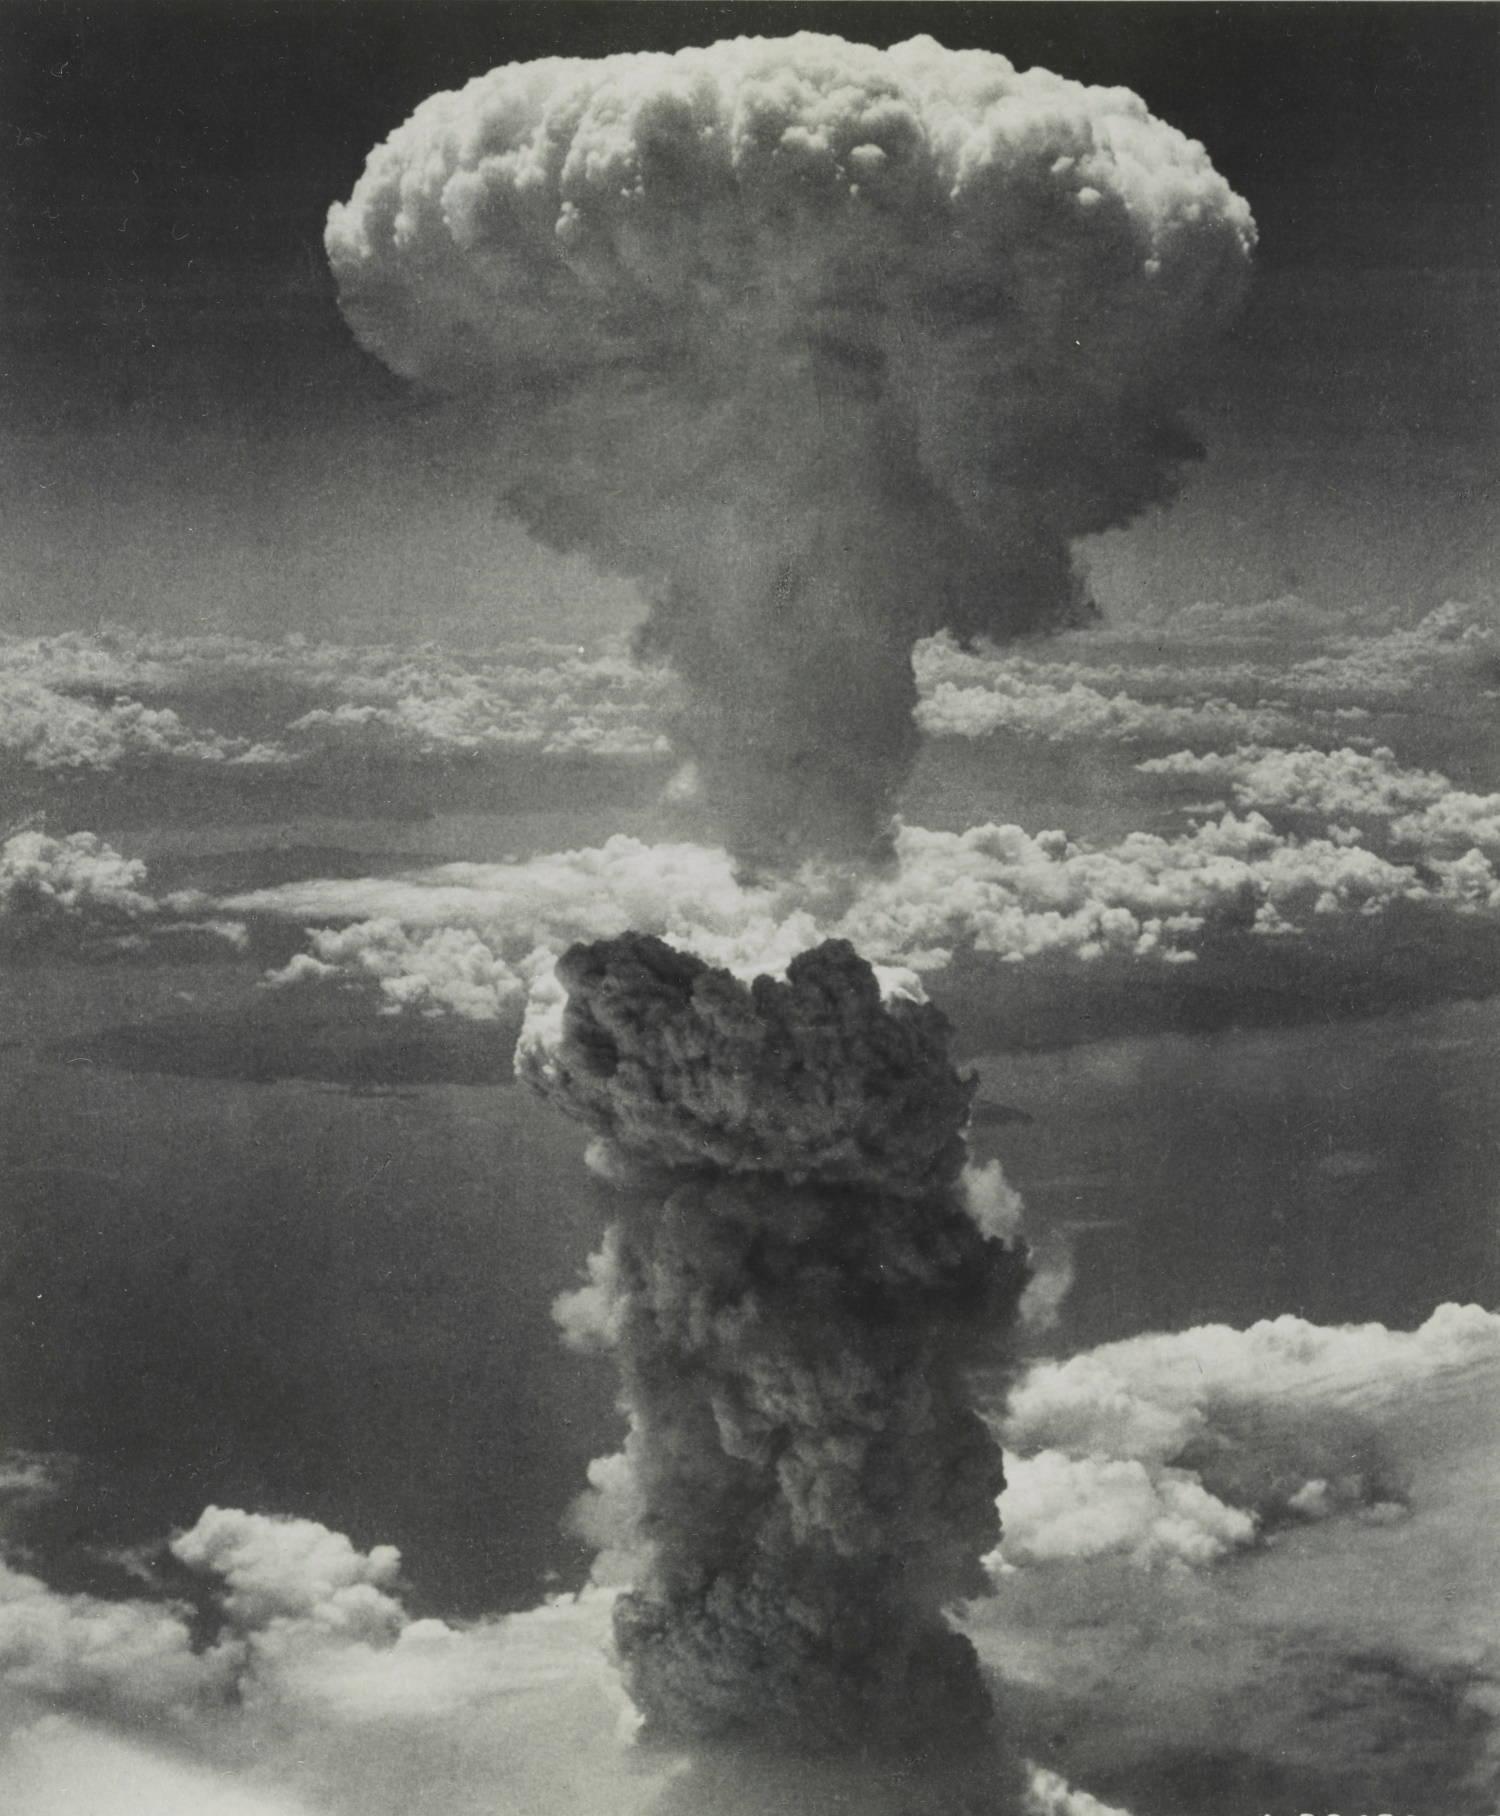 Foto mostra tamanho da nuvem formada por bomba em Nagasaki